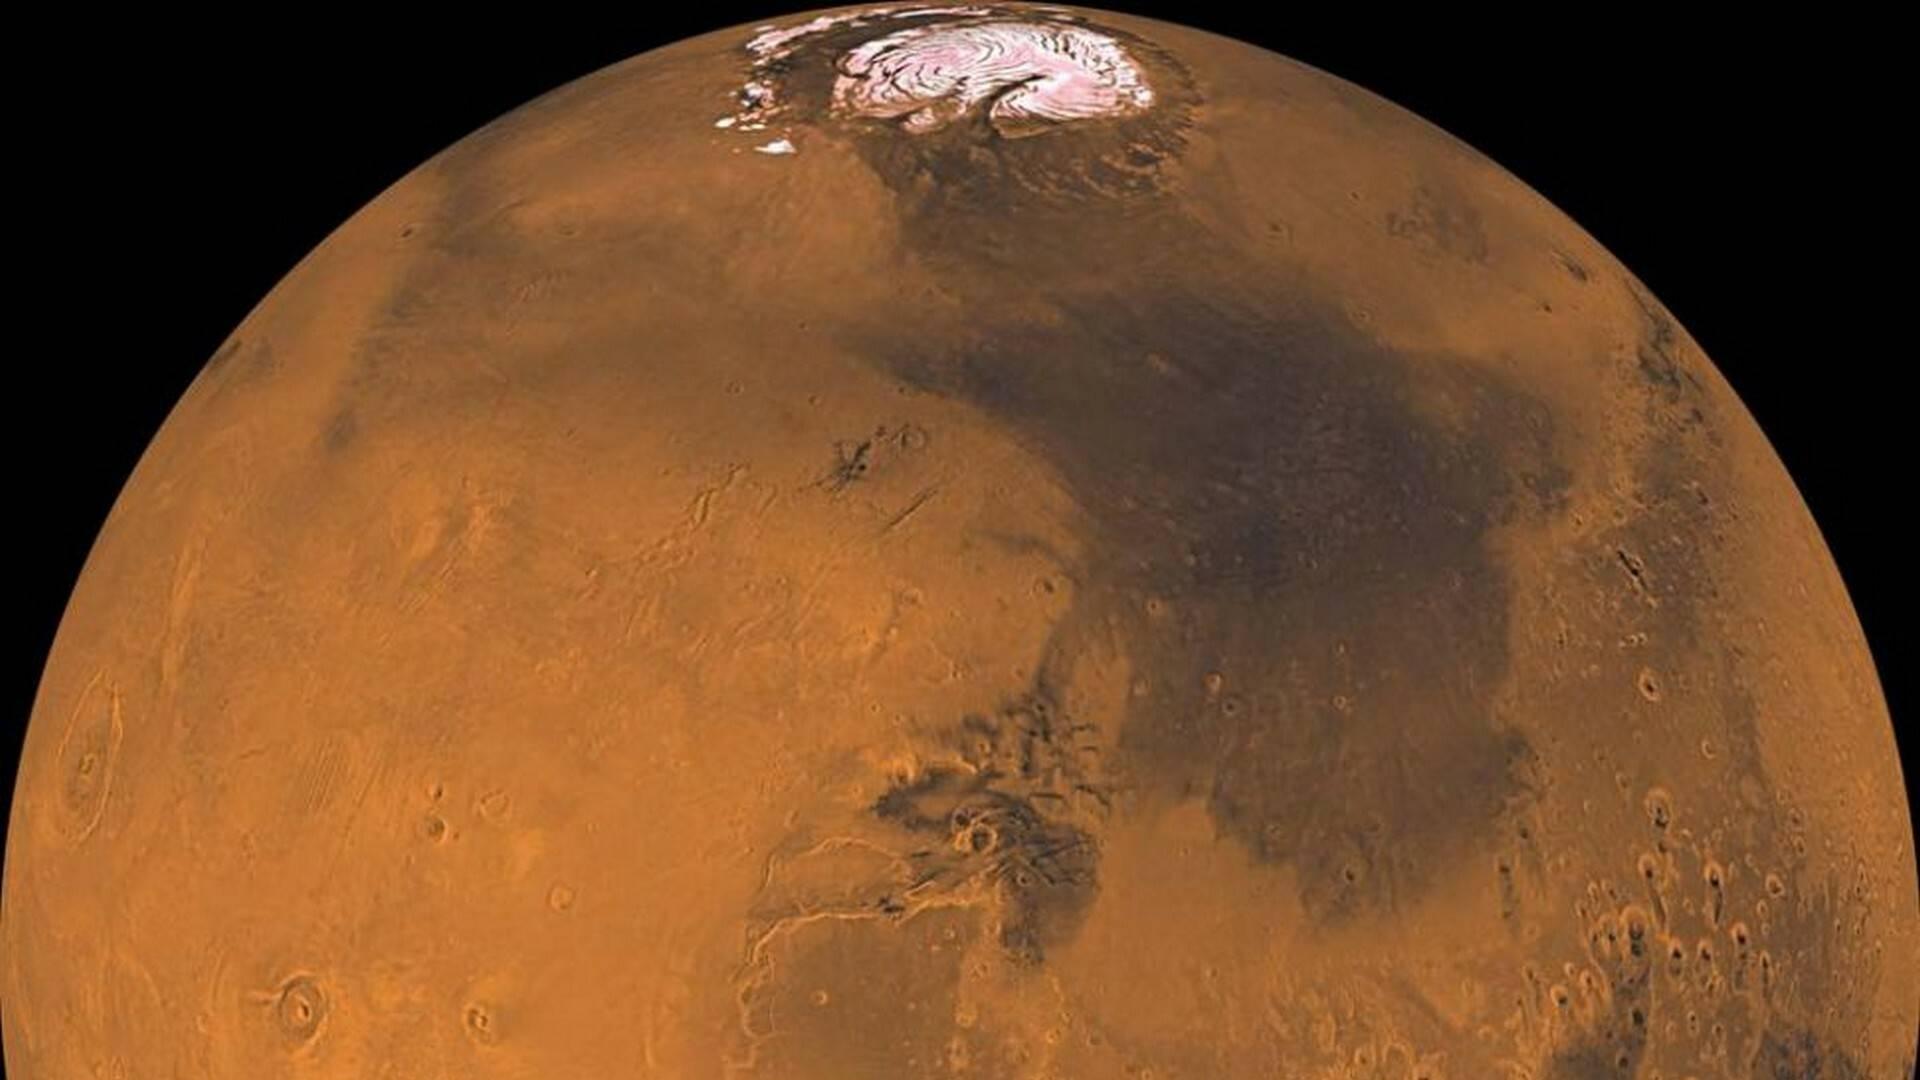 Ossigeno su Marte con la stessa reazione che avviene sulle comete